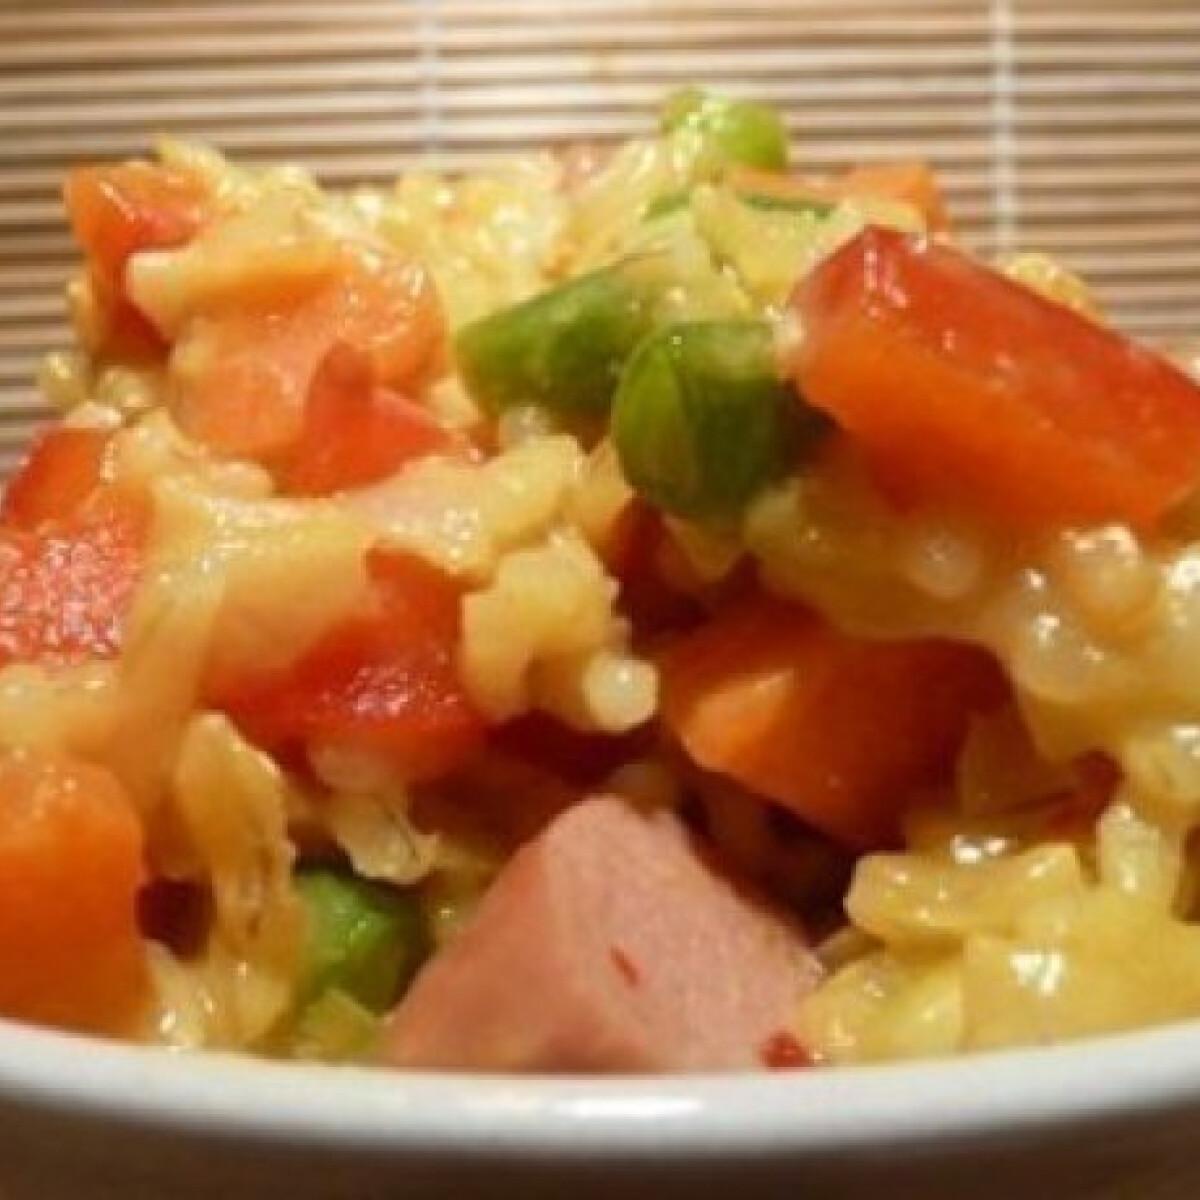 Ezen a képen: Curry-s rizs 2. - zöldségekkel